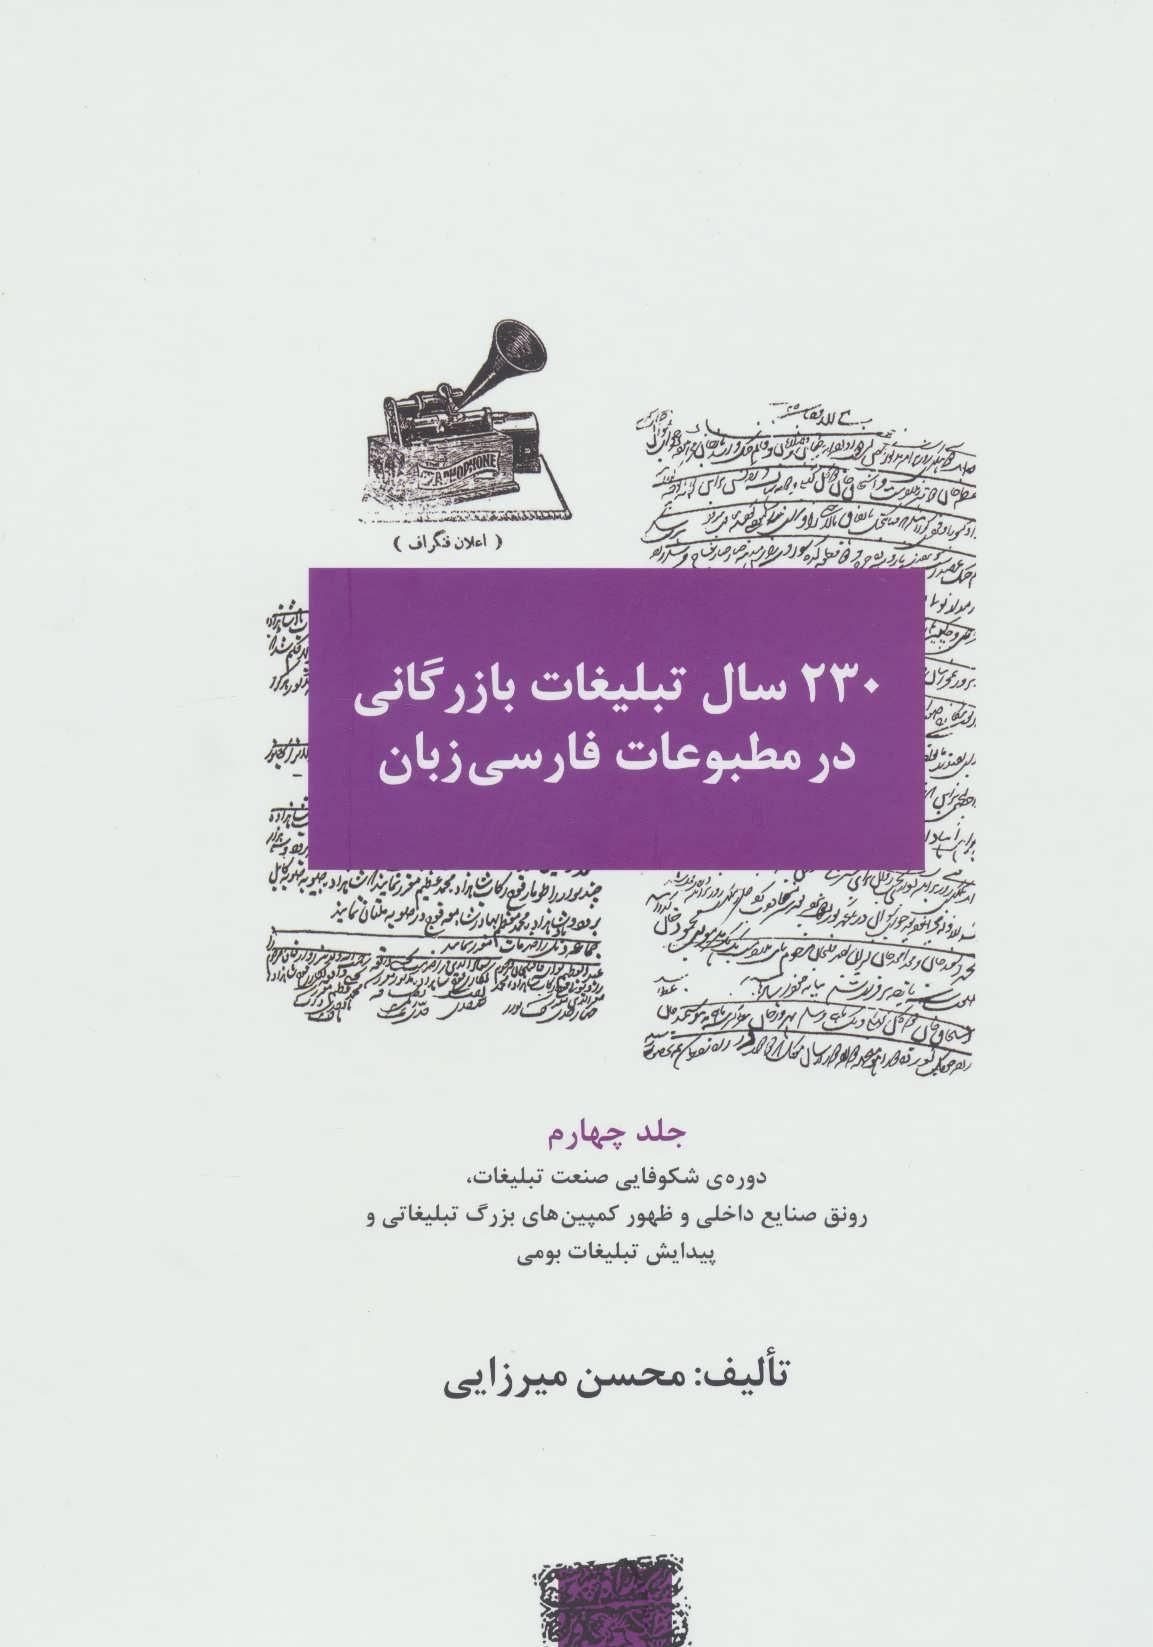 230 سال تبلیغات بازرگانی در مطبوعات فارسی زبان 4 (دوره شکوفایی صنعت تبلیغات بازرگانی در مطبوعات…)